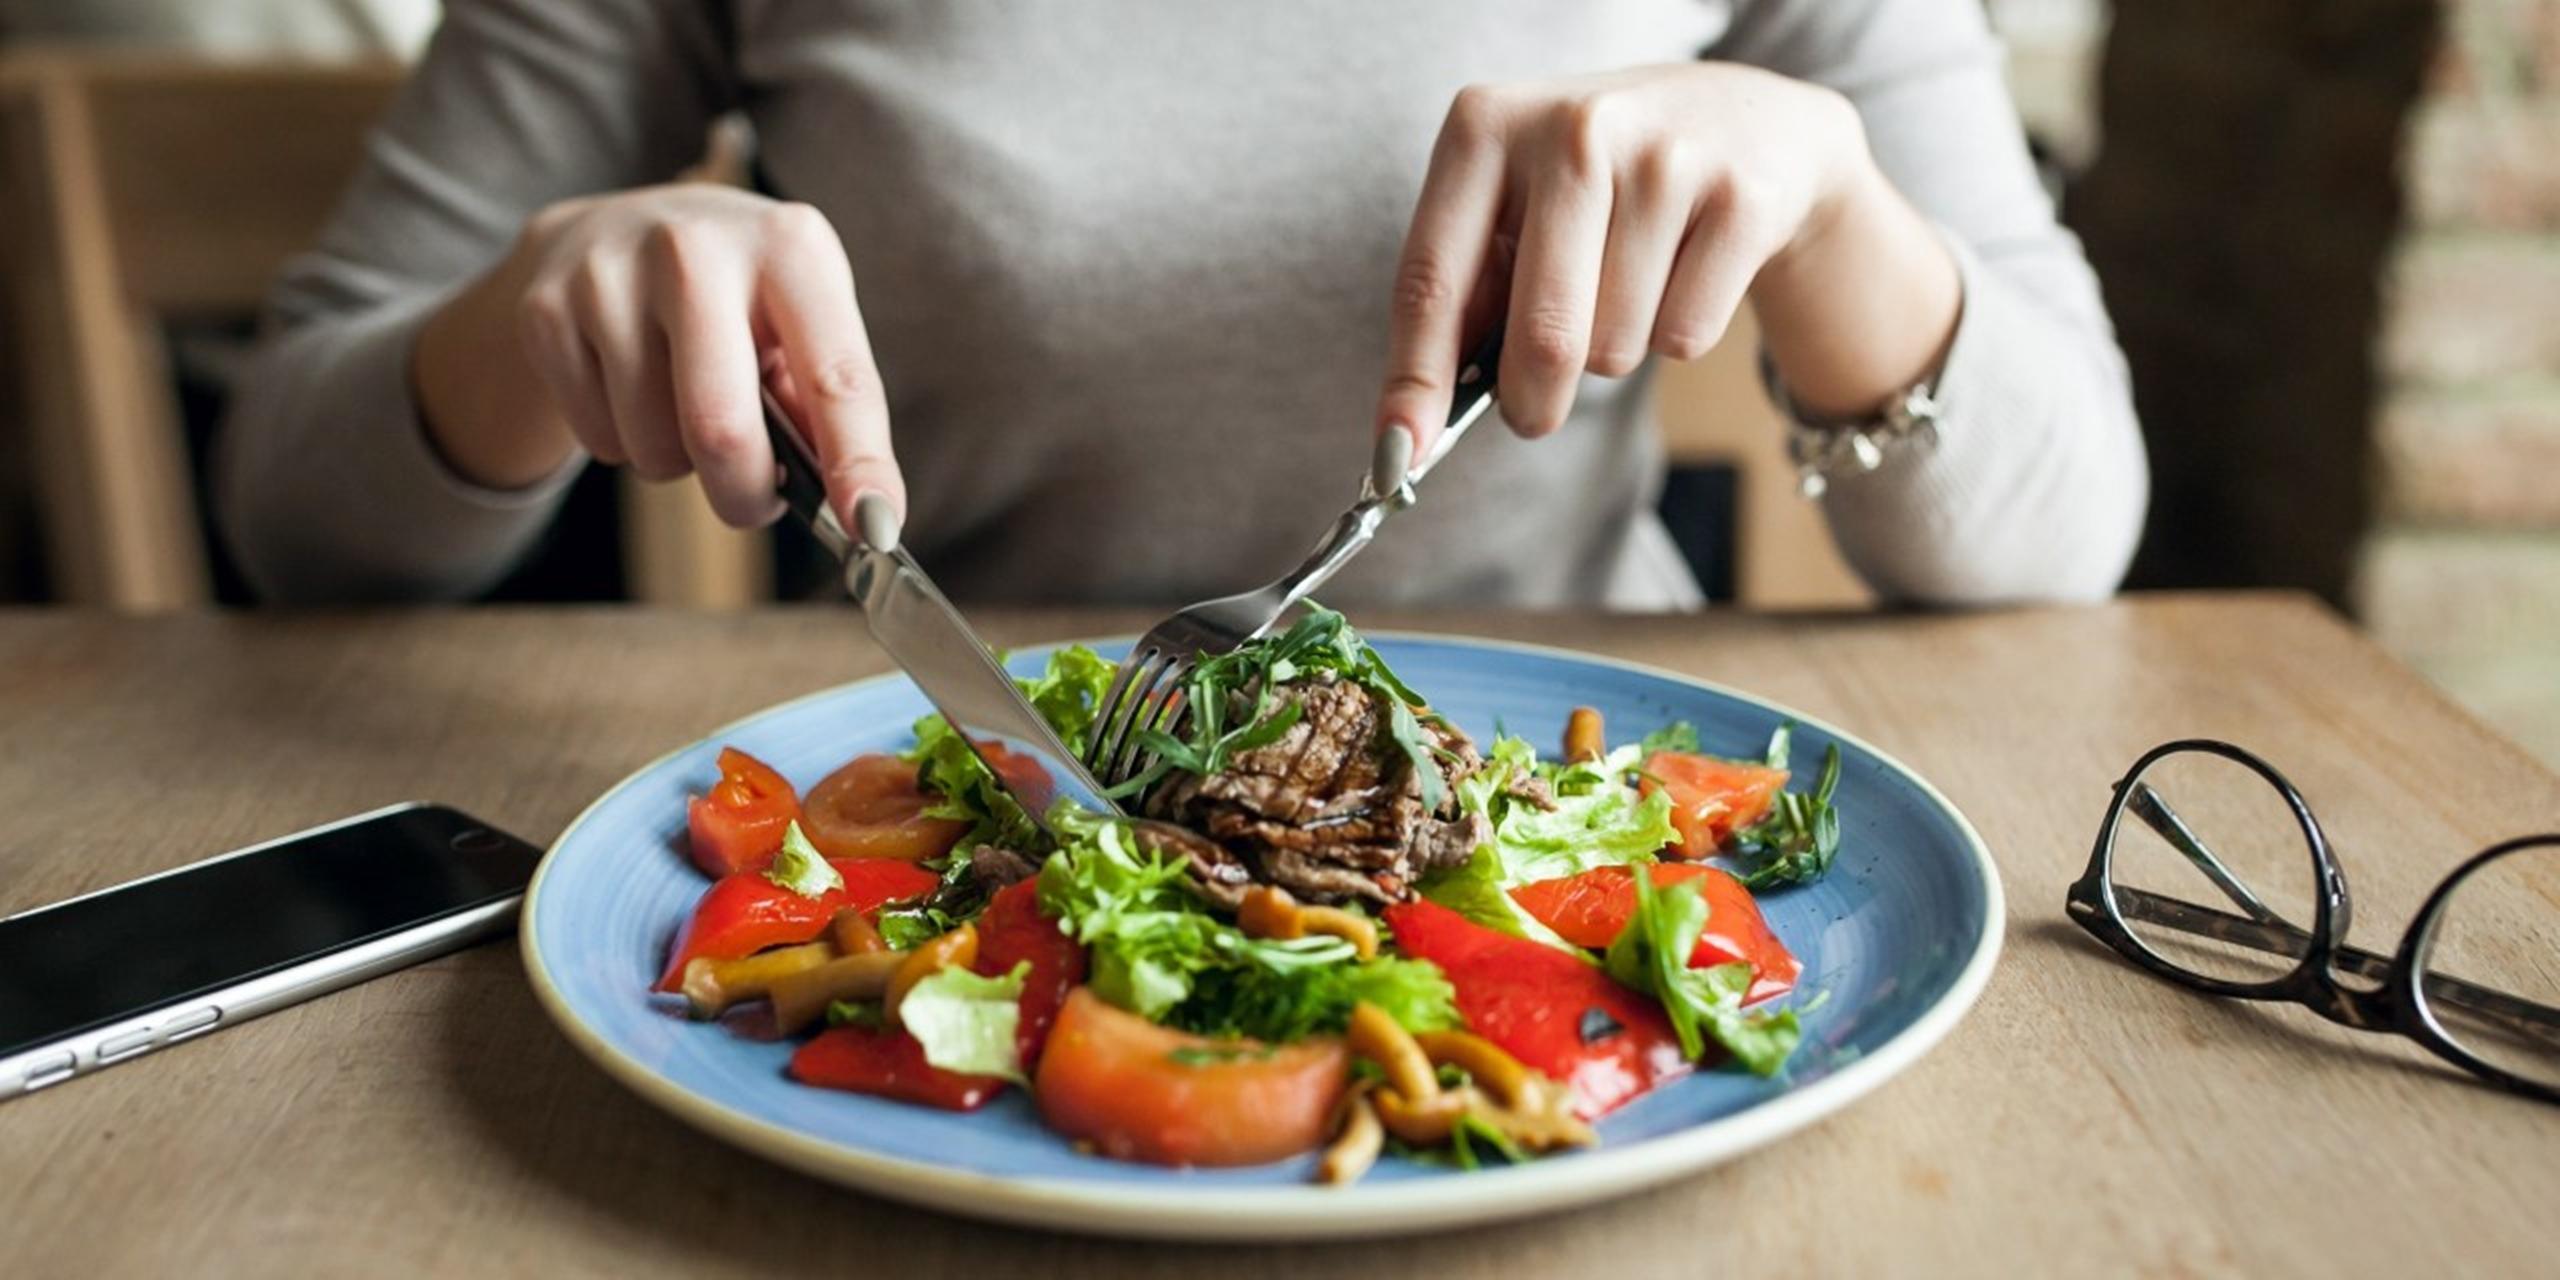 5 Makanan Dan Minuman Yang Perlu Kamu Perhatikan Saat Sahur, Bikin Cepat Kamu Merasa Haus 3